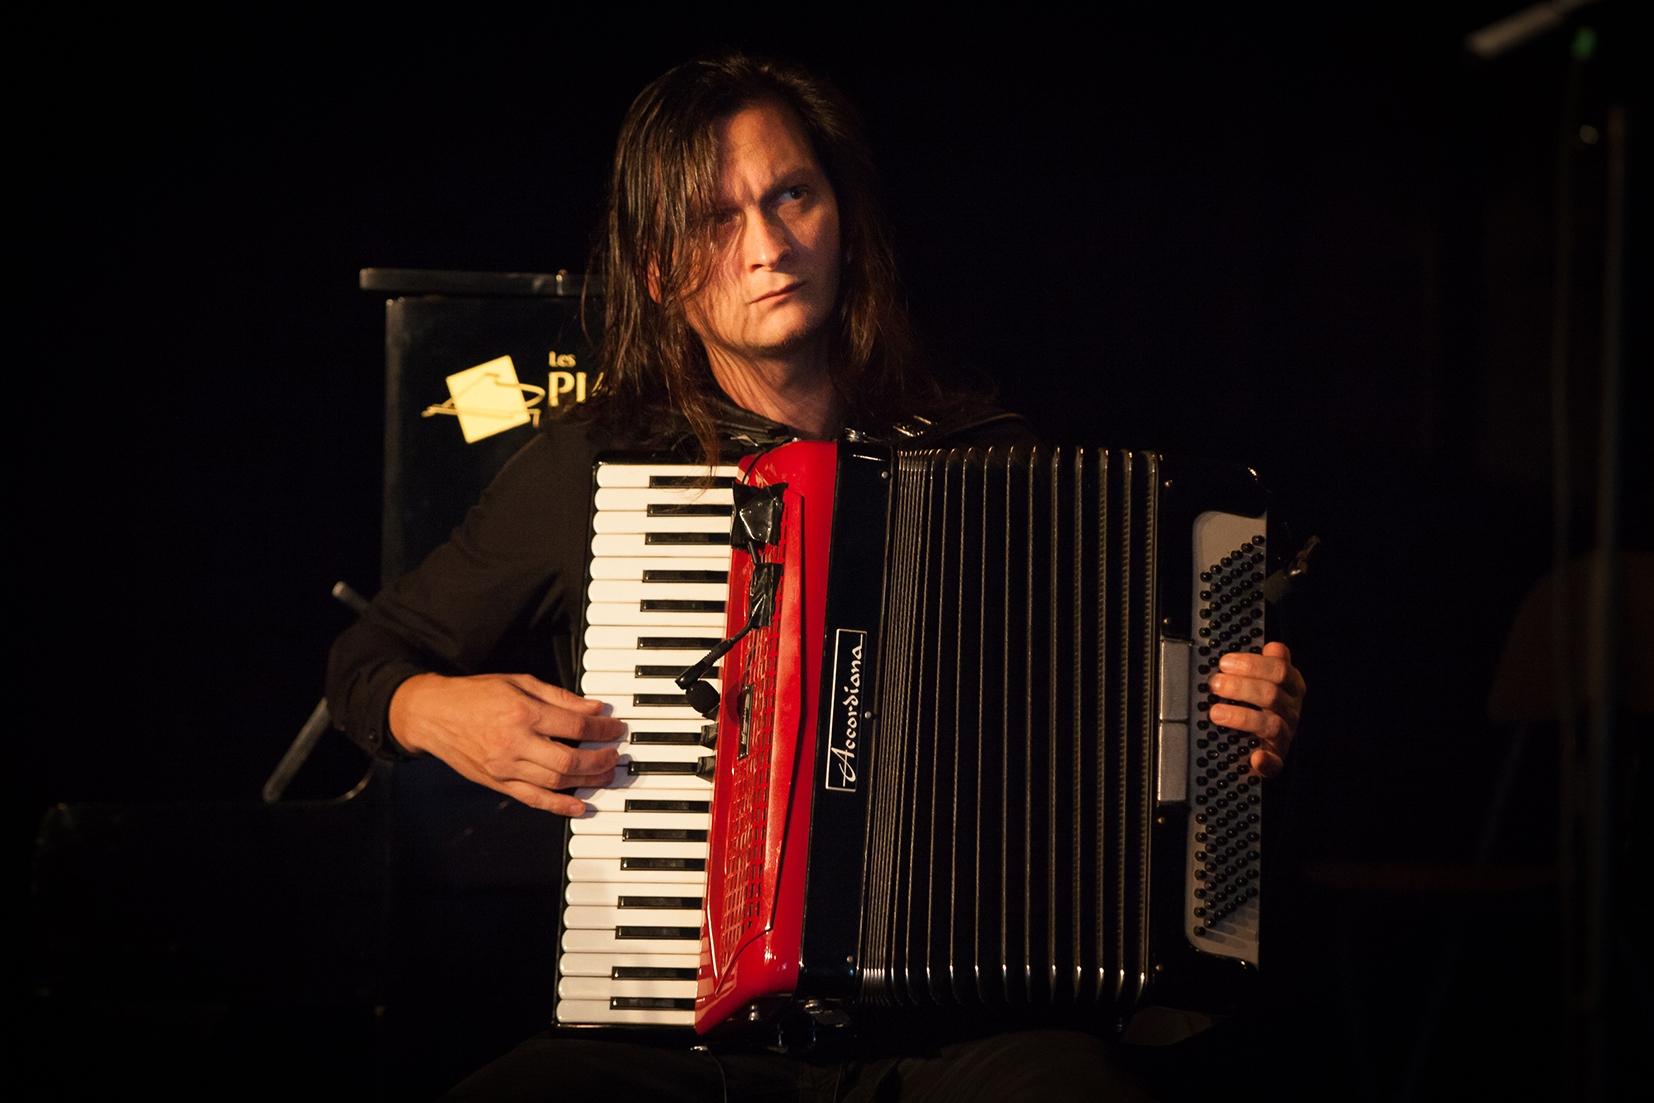 Etienne à l'accordéon